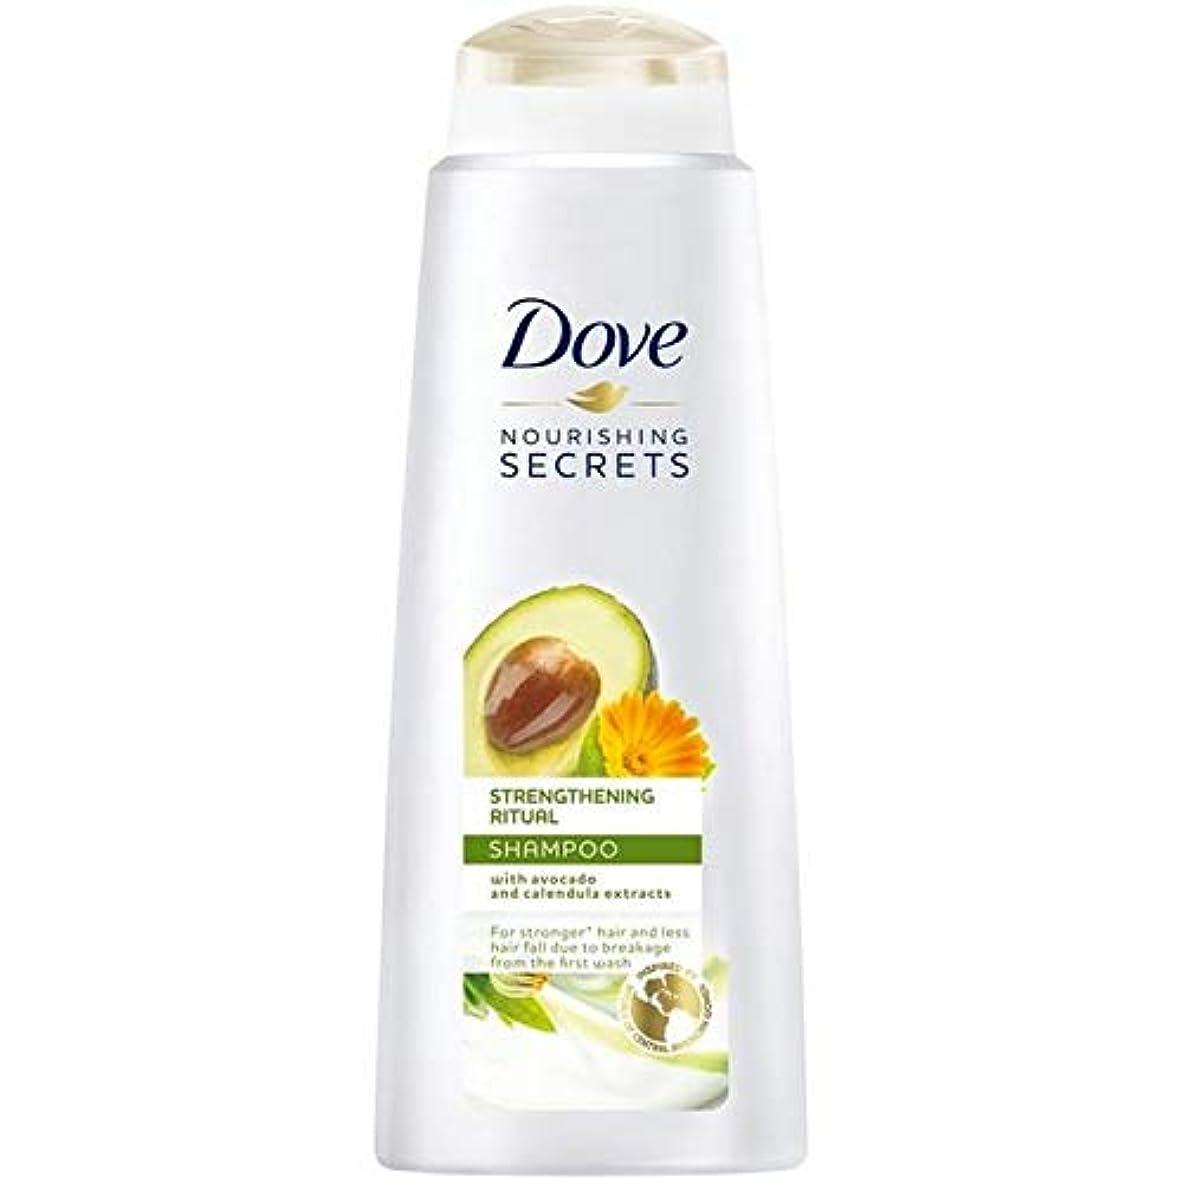 壁紙ニュージーランド粘性の[Dove ] 儀式のシャンプー400ミリリットルを強化鳩栄養の秘密 - Dove Nourishing Secrets Strengthening Ritual Shampoo 400ml [並行輸入品]